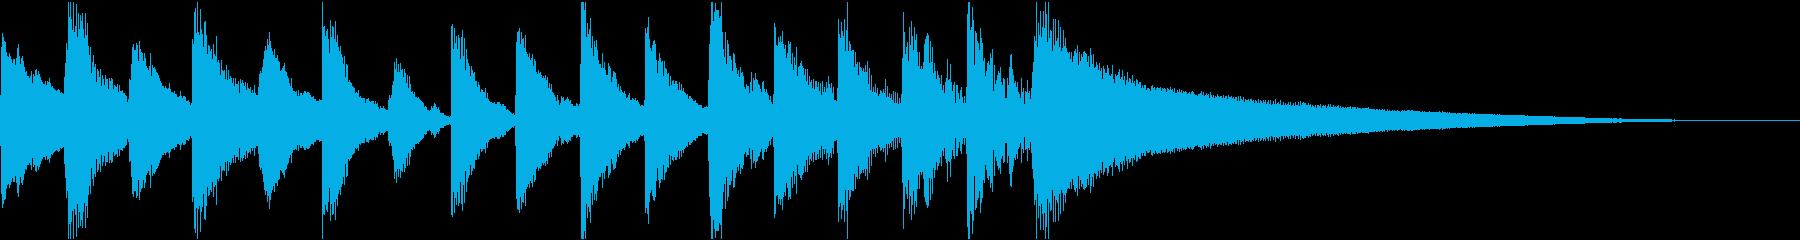 ポップフォーク楽器。弾む、気まぐれ...の再生済みの波形